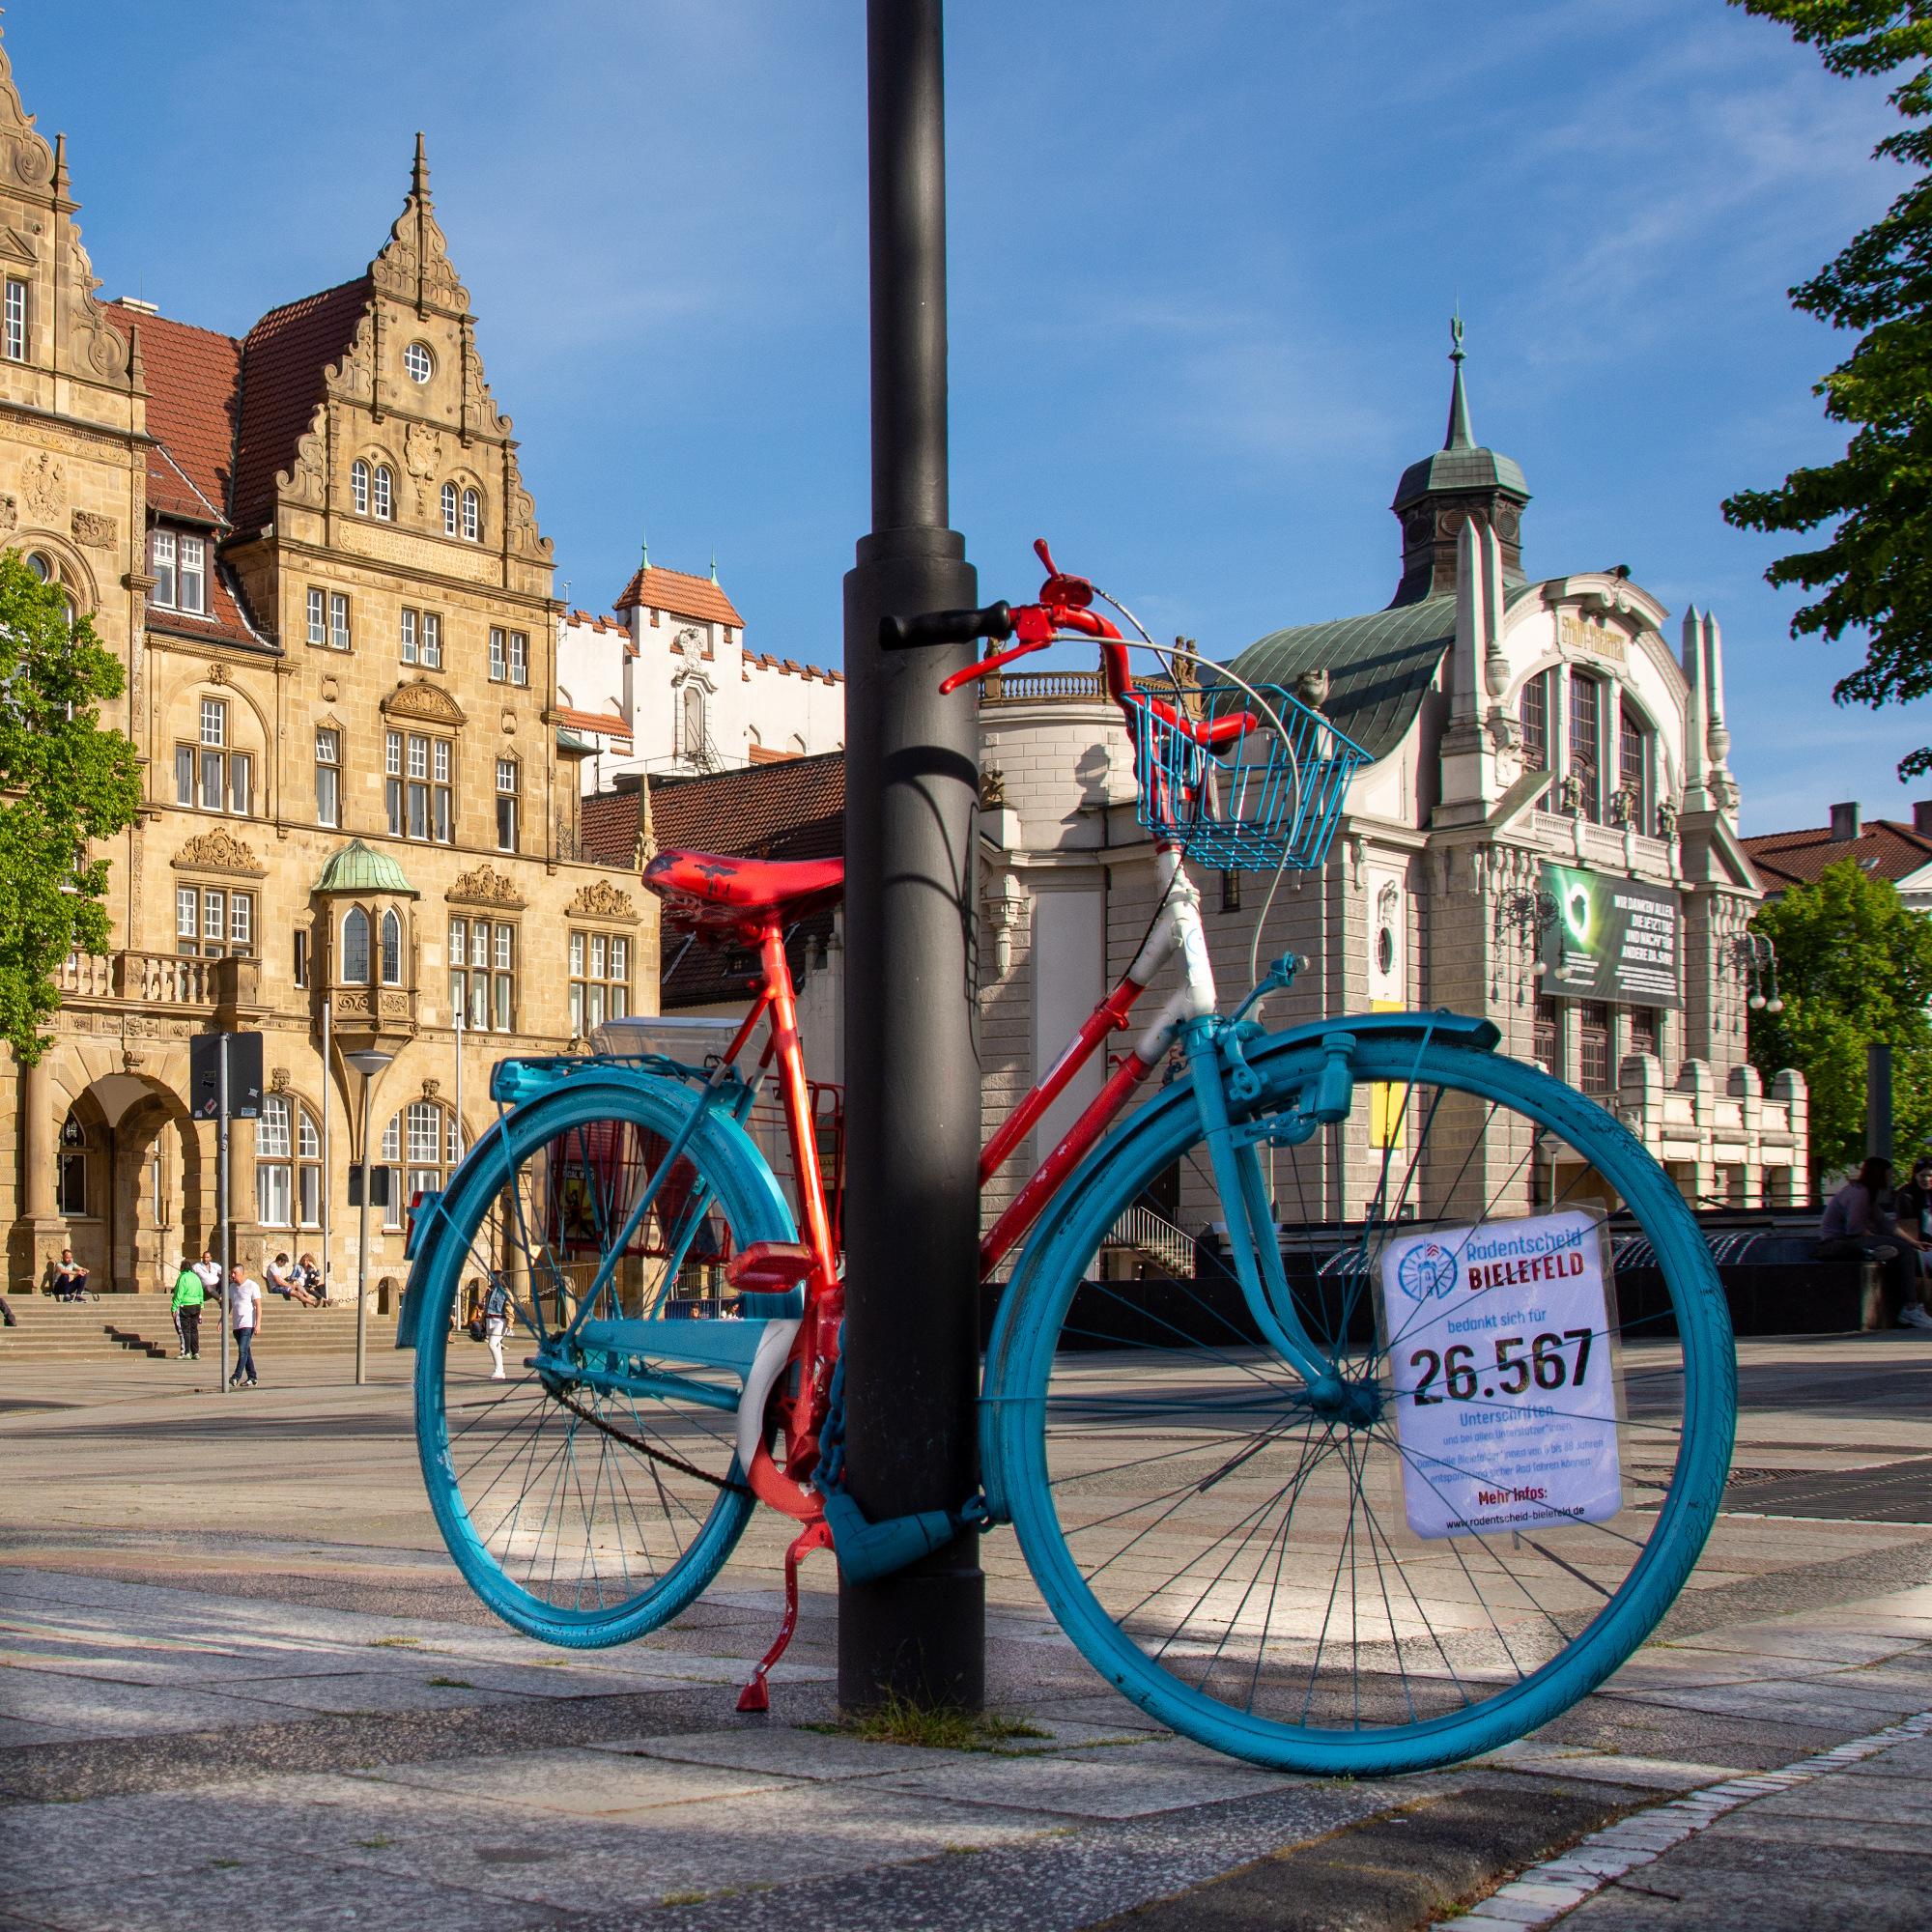 Radentscheid-Fahrrad vor dem Rathaus Bielefeld